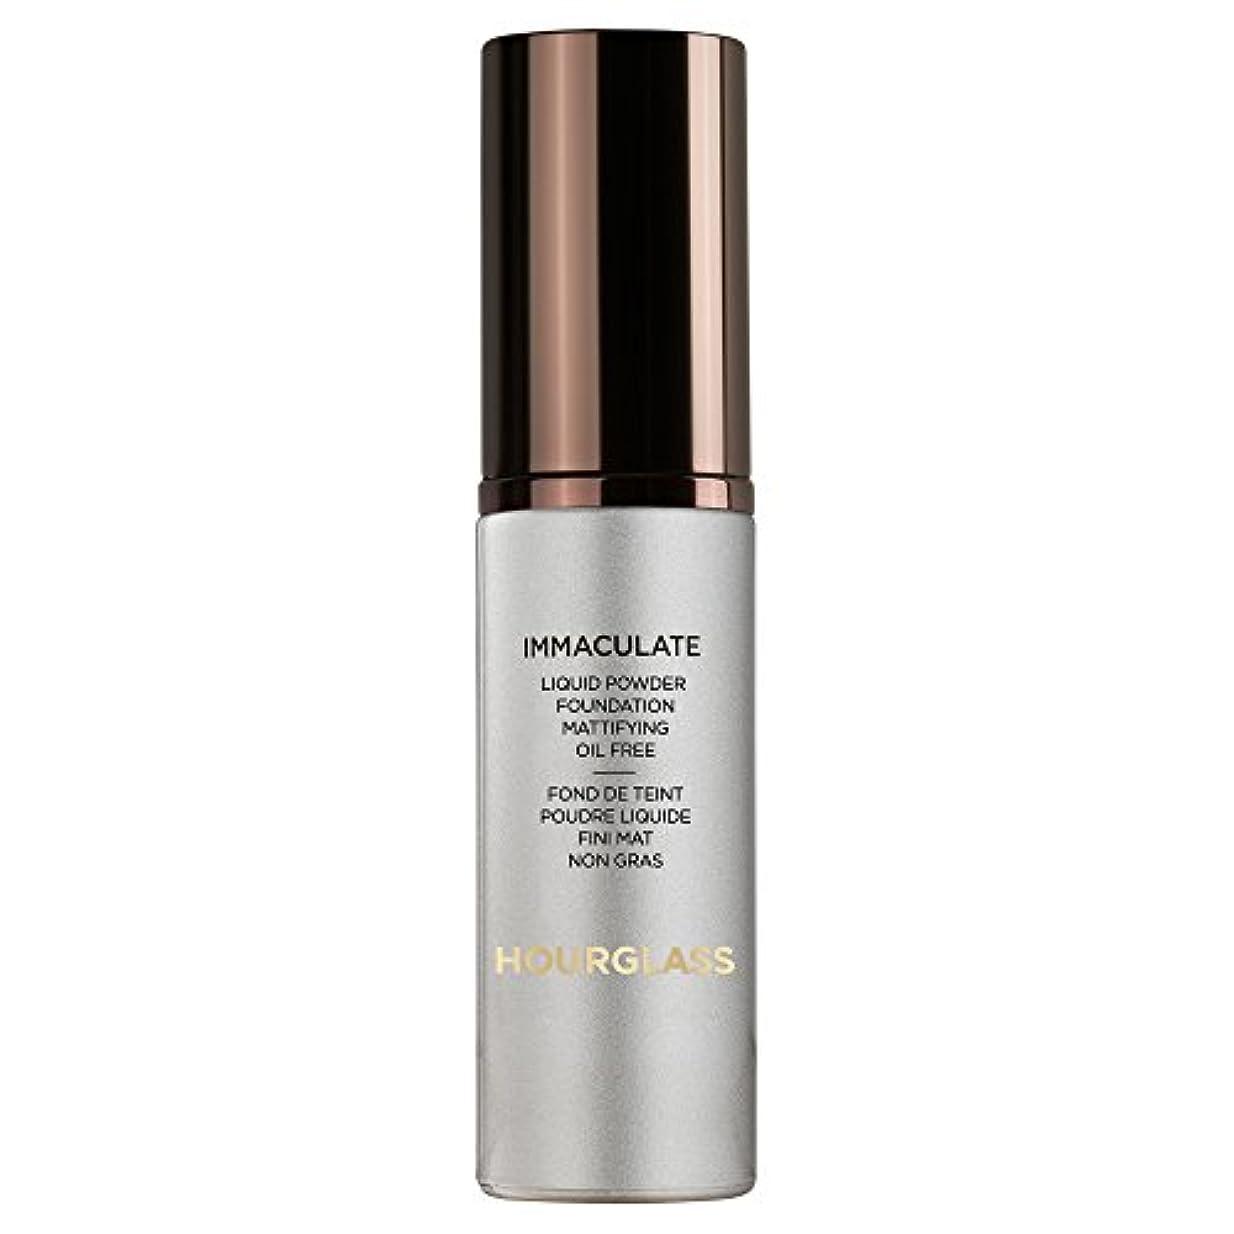 引き出し毛布迷路砂時計真っ白な液体パウダーファンデーションバニラ (Hourglass) (x2) - Hourglass Immaculate Liquid Powder Foundation Vanilla (Pack of 2)...